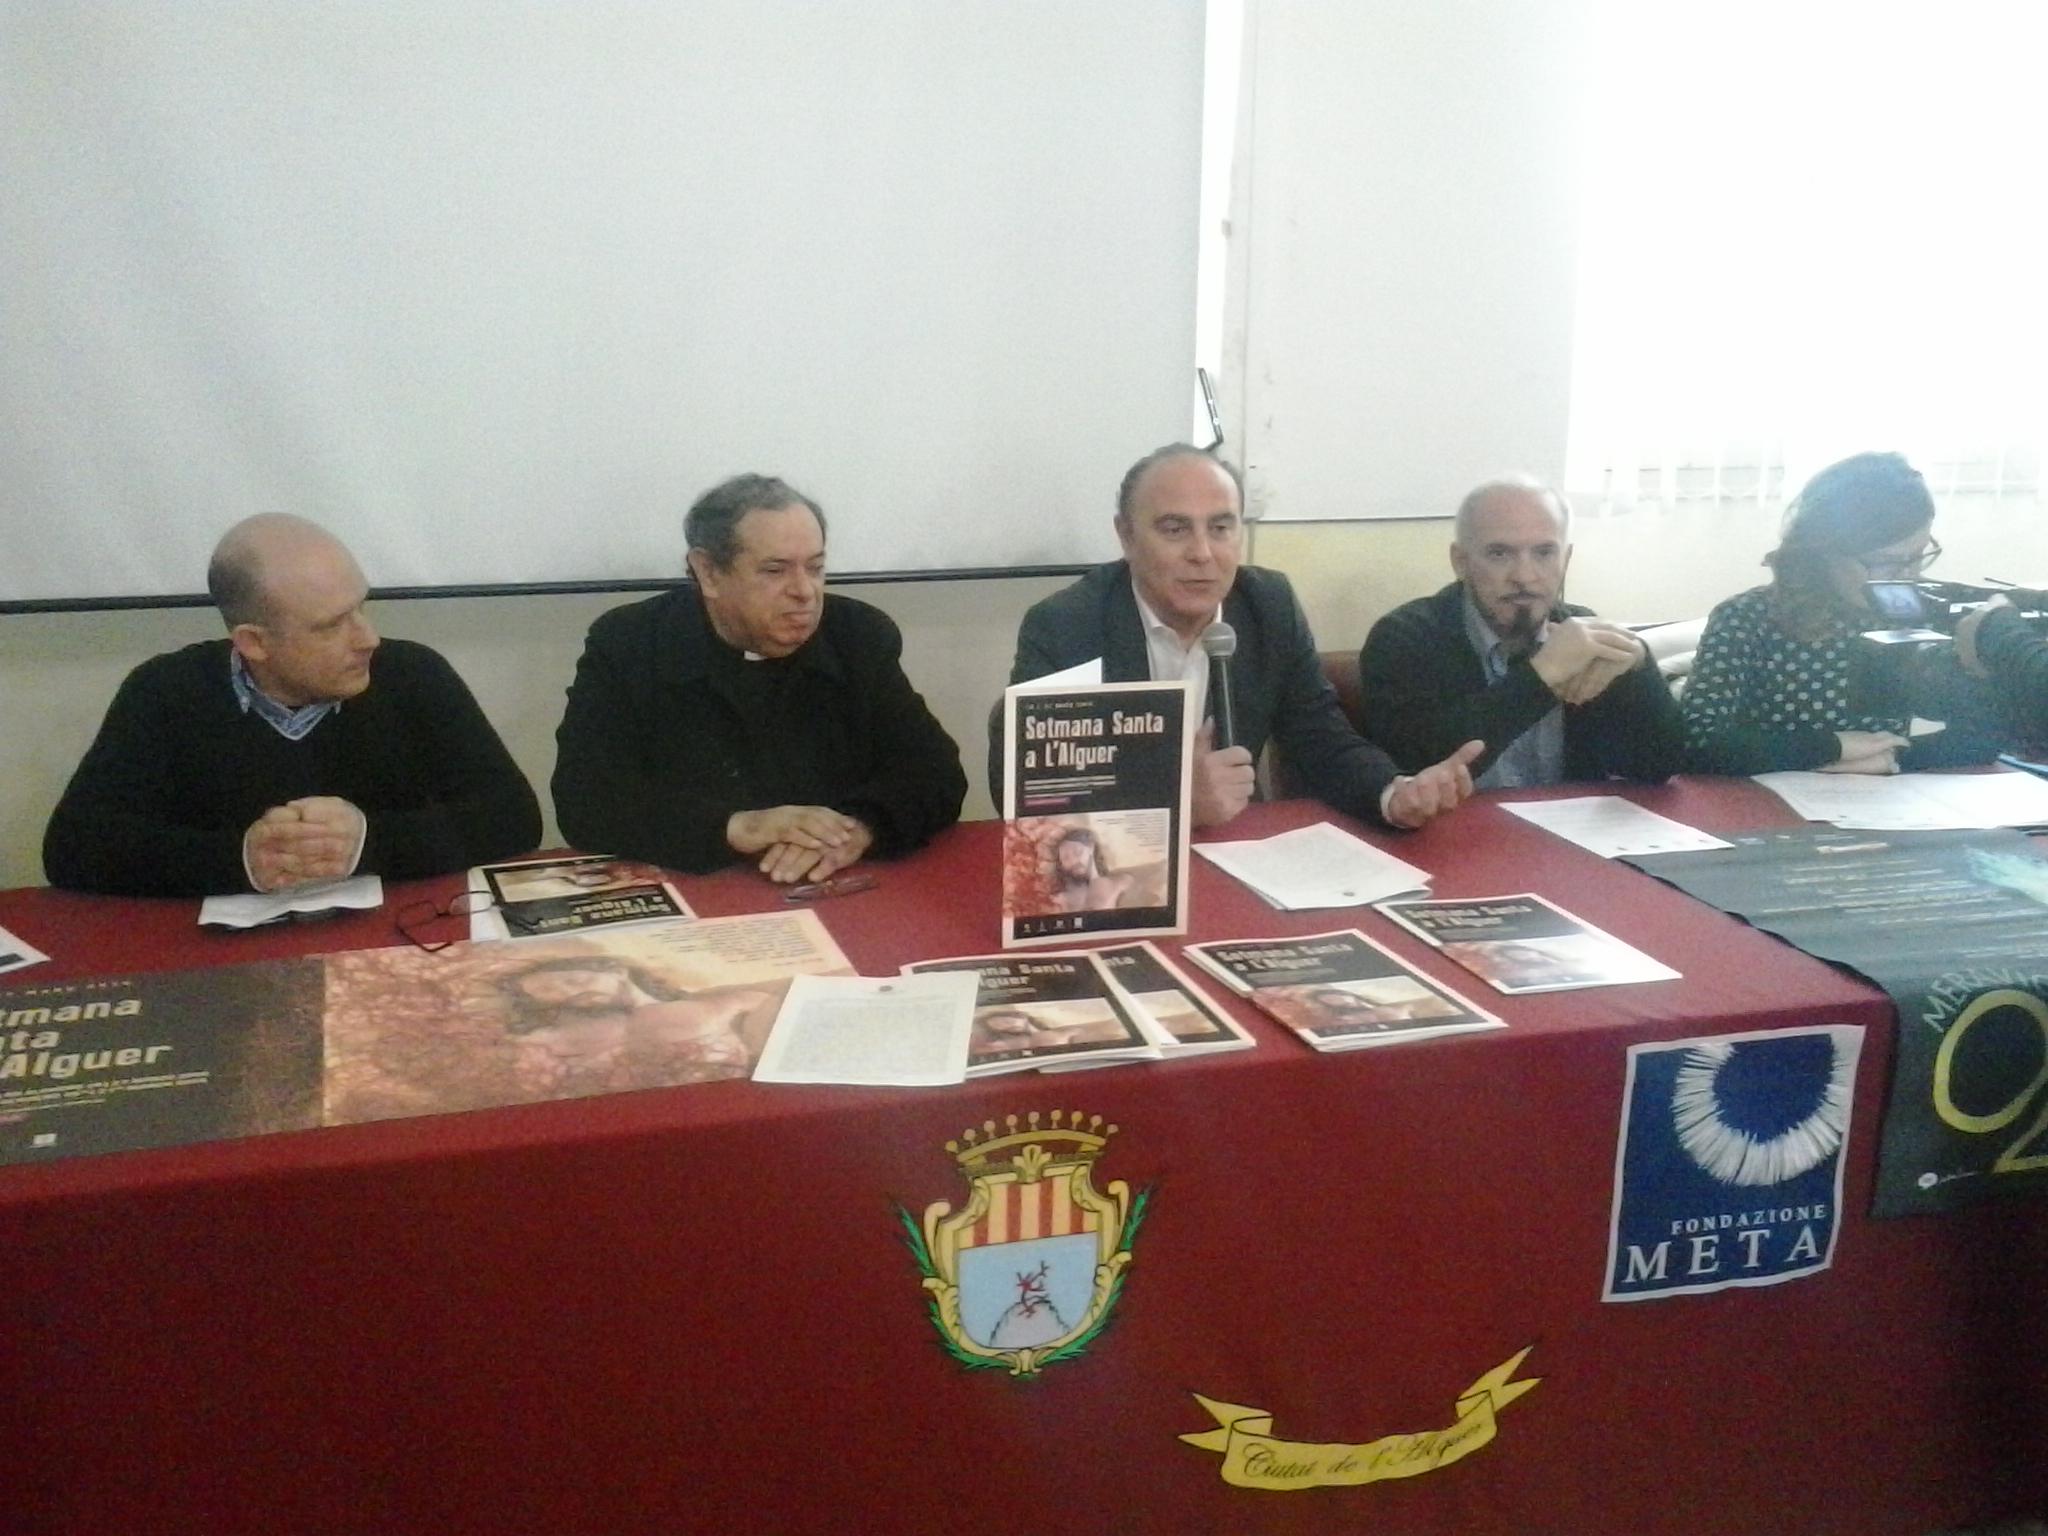 Conferenza Stampa per la Settimana Santa ad Alghero 2016 e tutti gli Eventi Turistici Collegati.